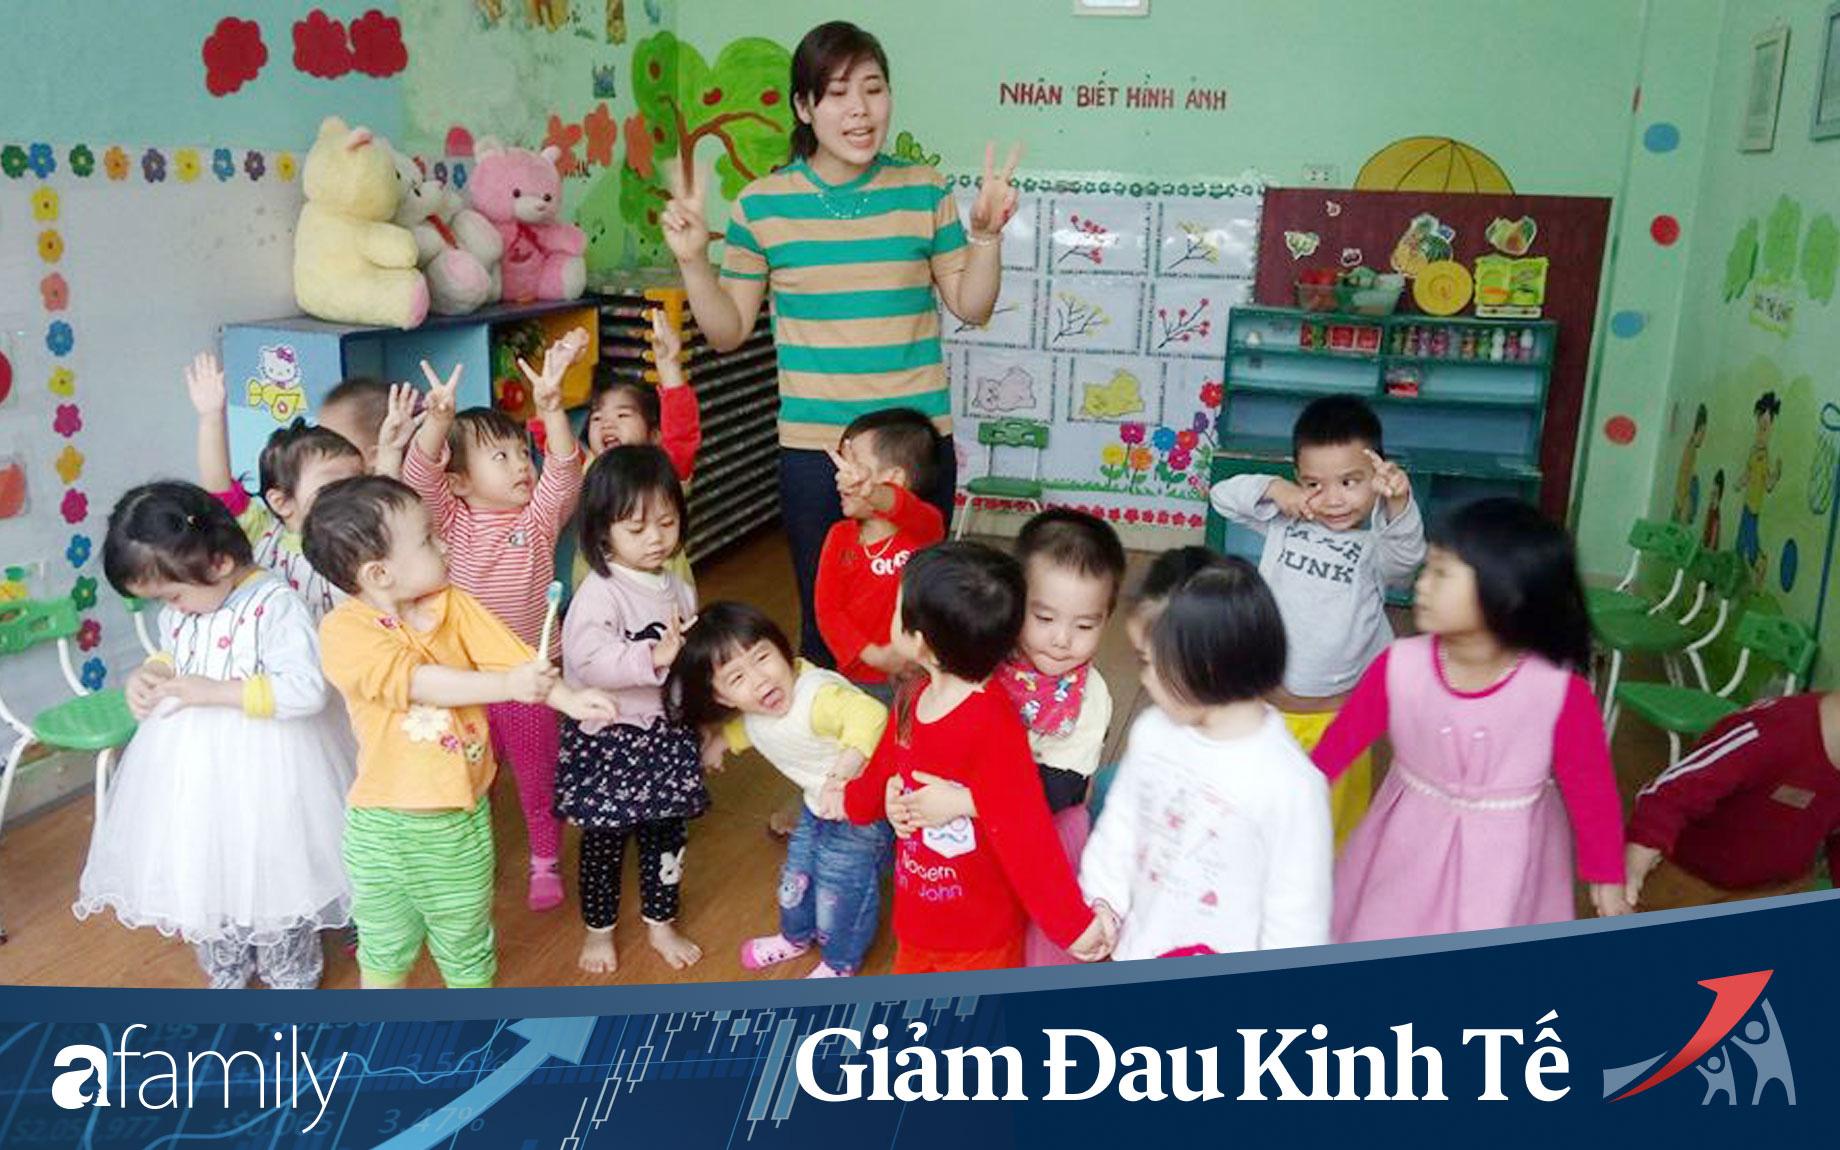 Gần 40.000 giáo viên, nhân viên trường tư bị cắt giảm lương, Sở GD-ĐT Hà Nội kiến nghị hỗ trợ tiền lương cơ bản hoặc trợ cấp cho giáo viên